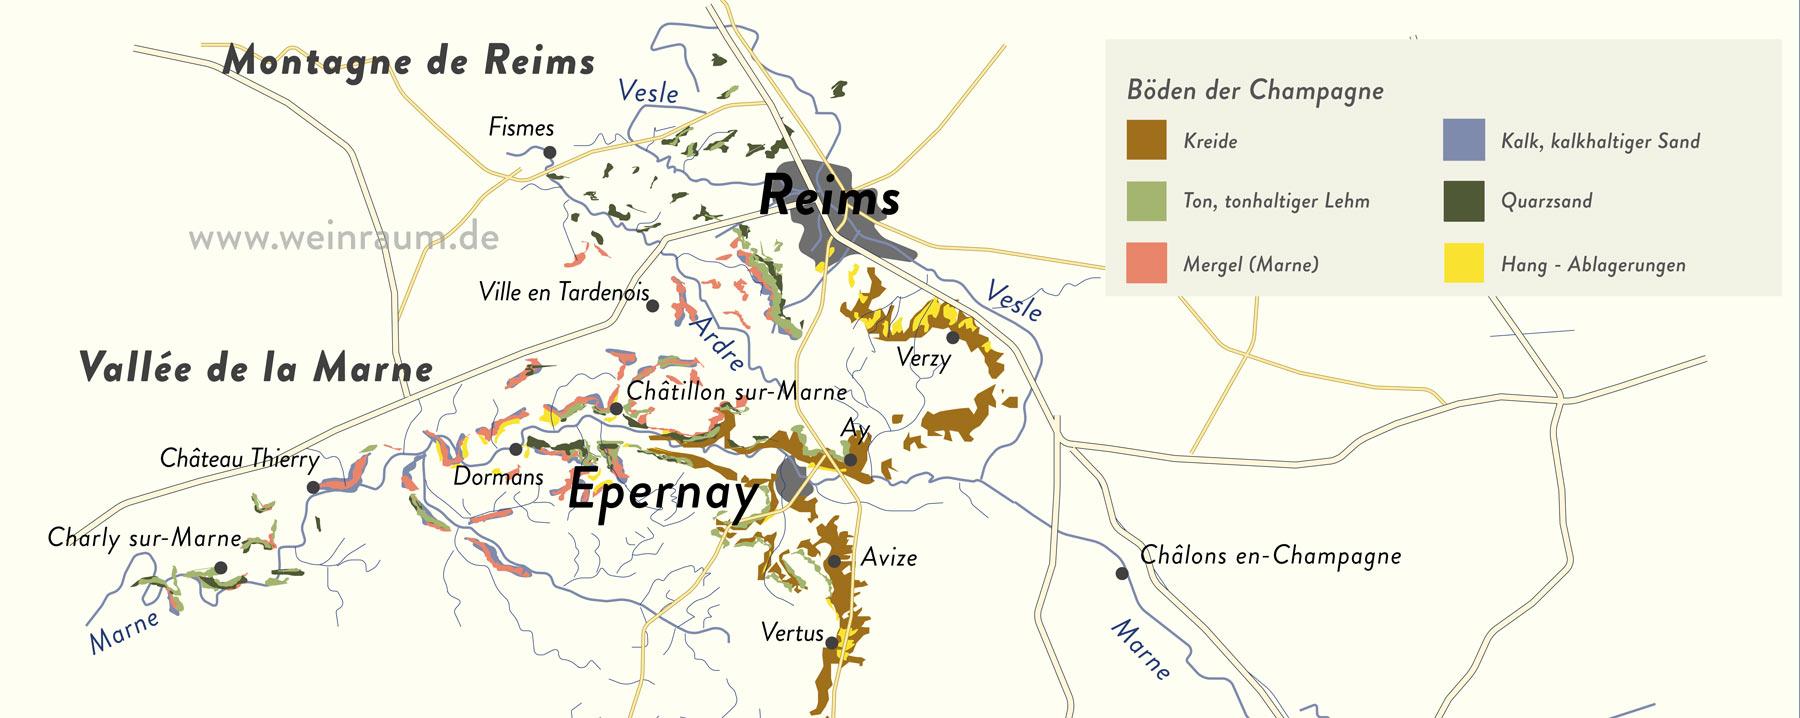 Die Böden der nördlichen Champagne im Pariser Becken